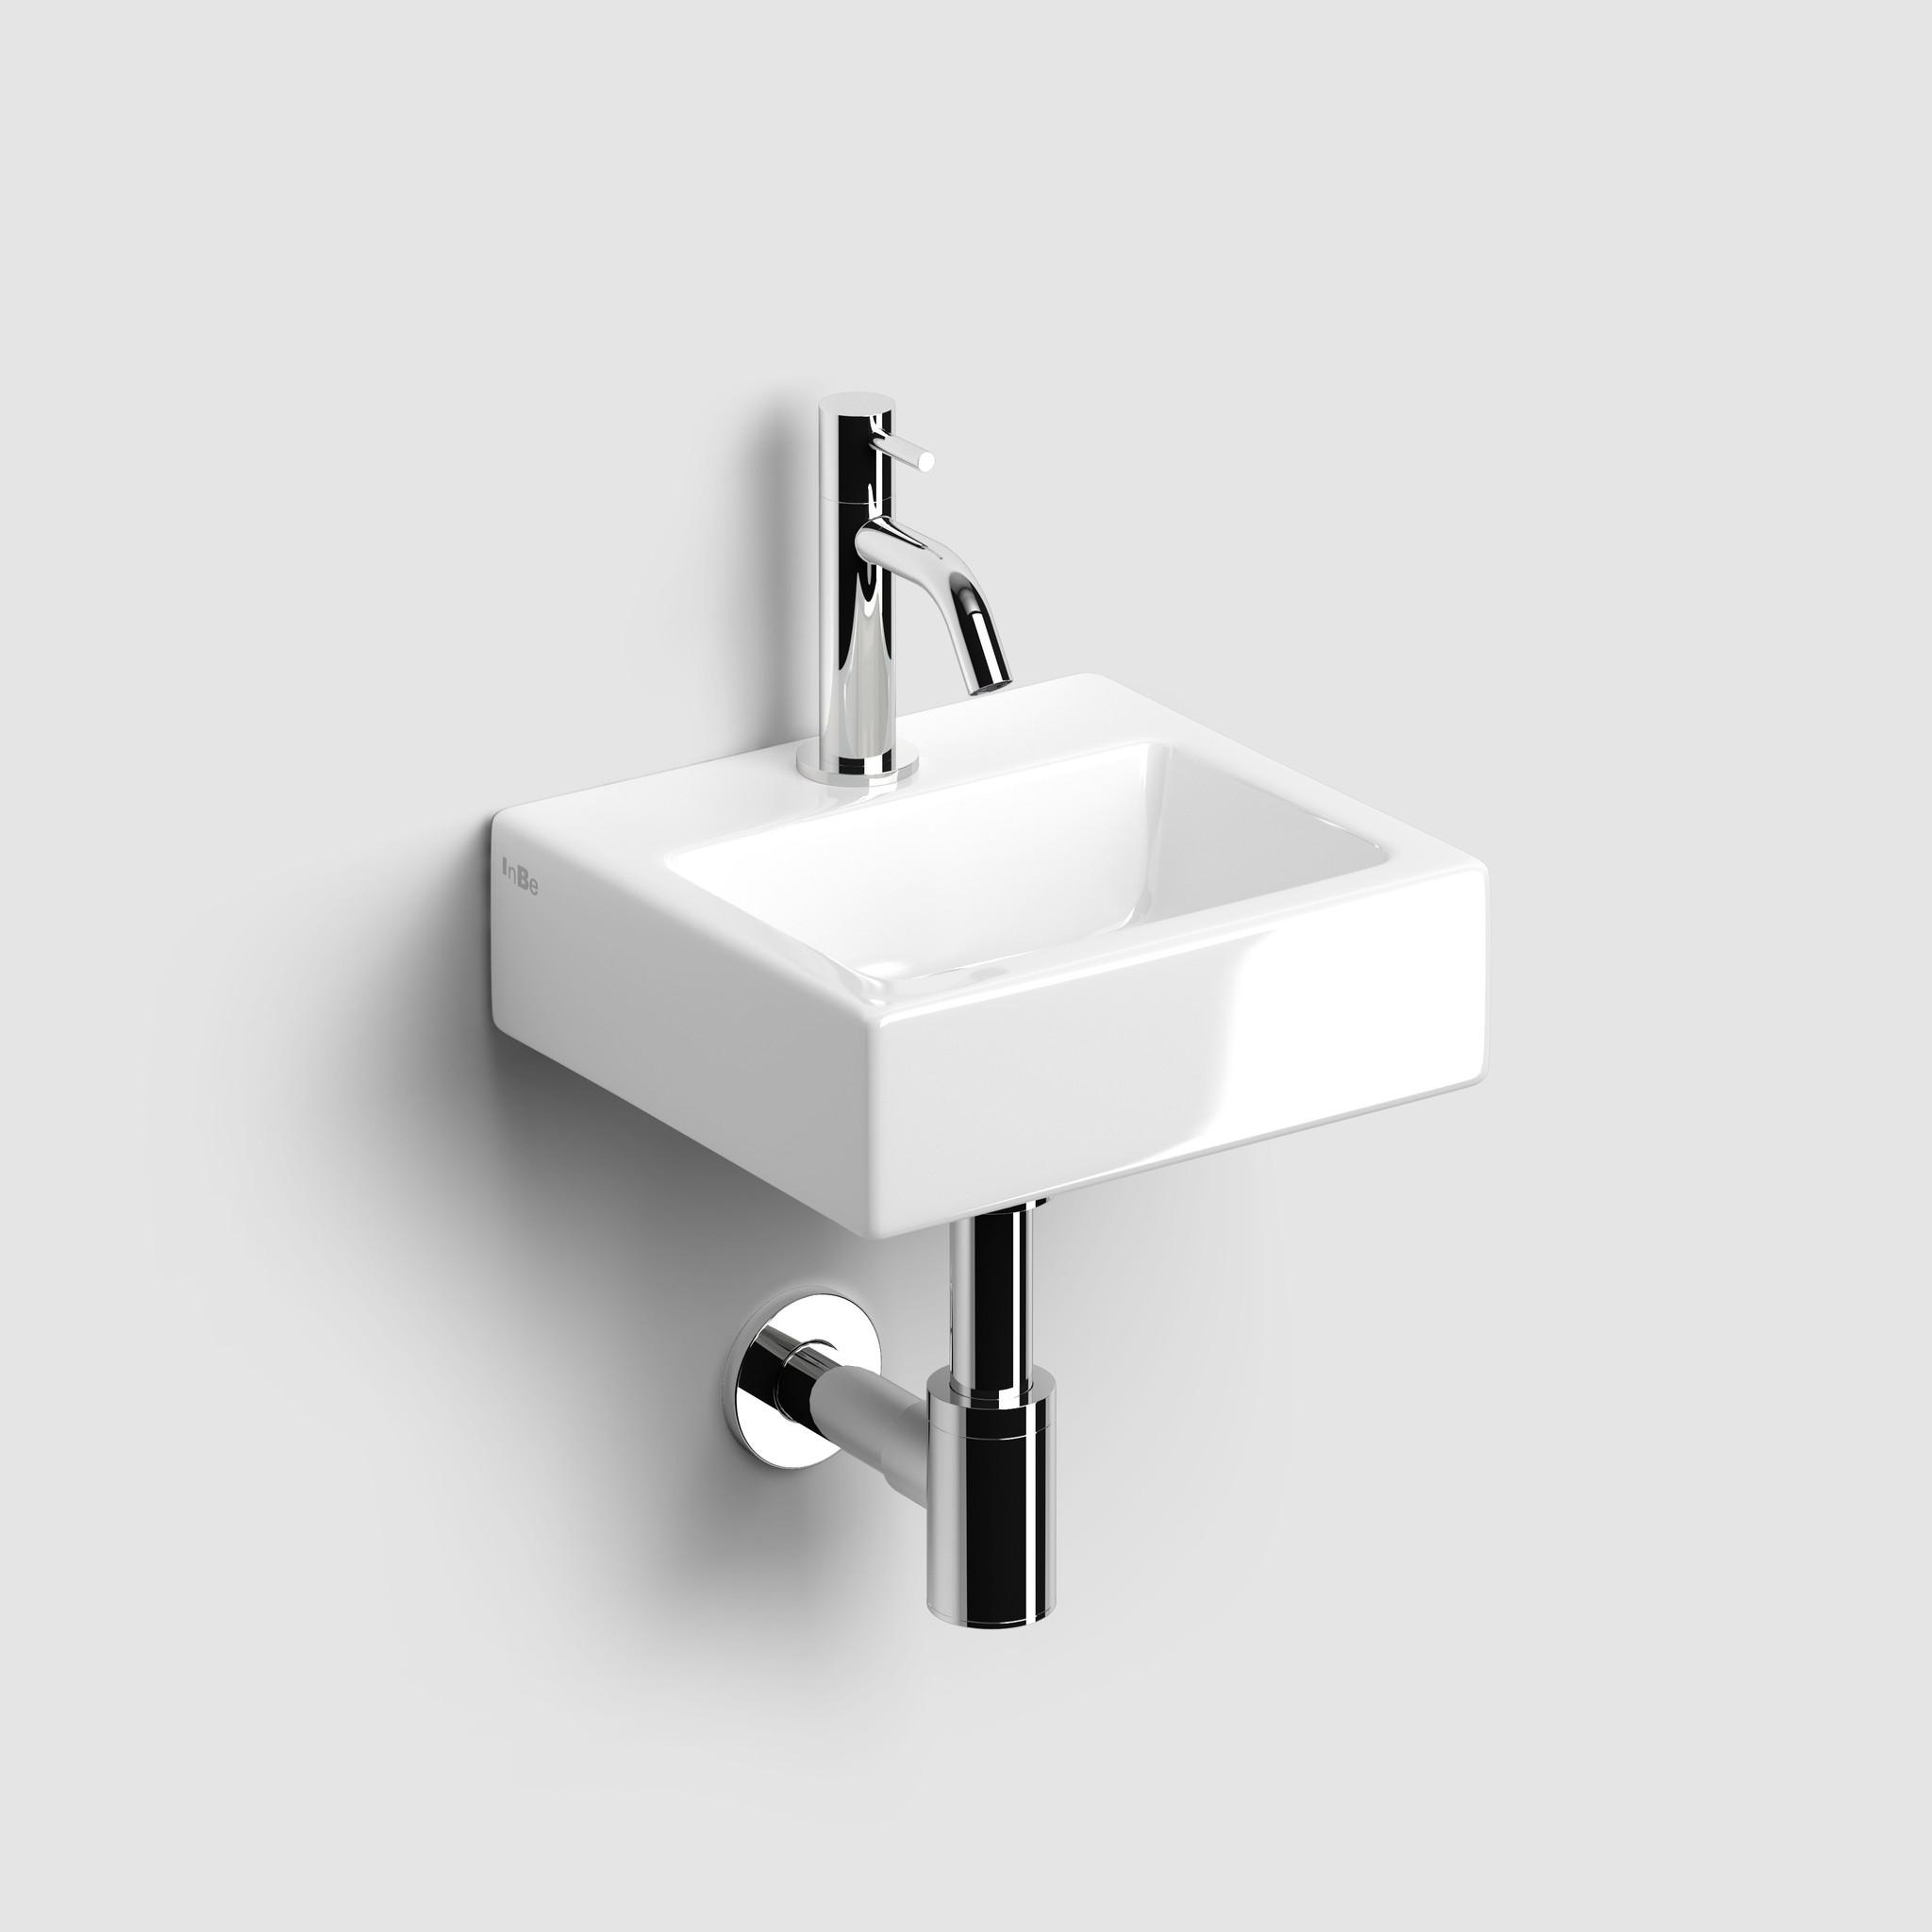 InBe handbasin set 1